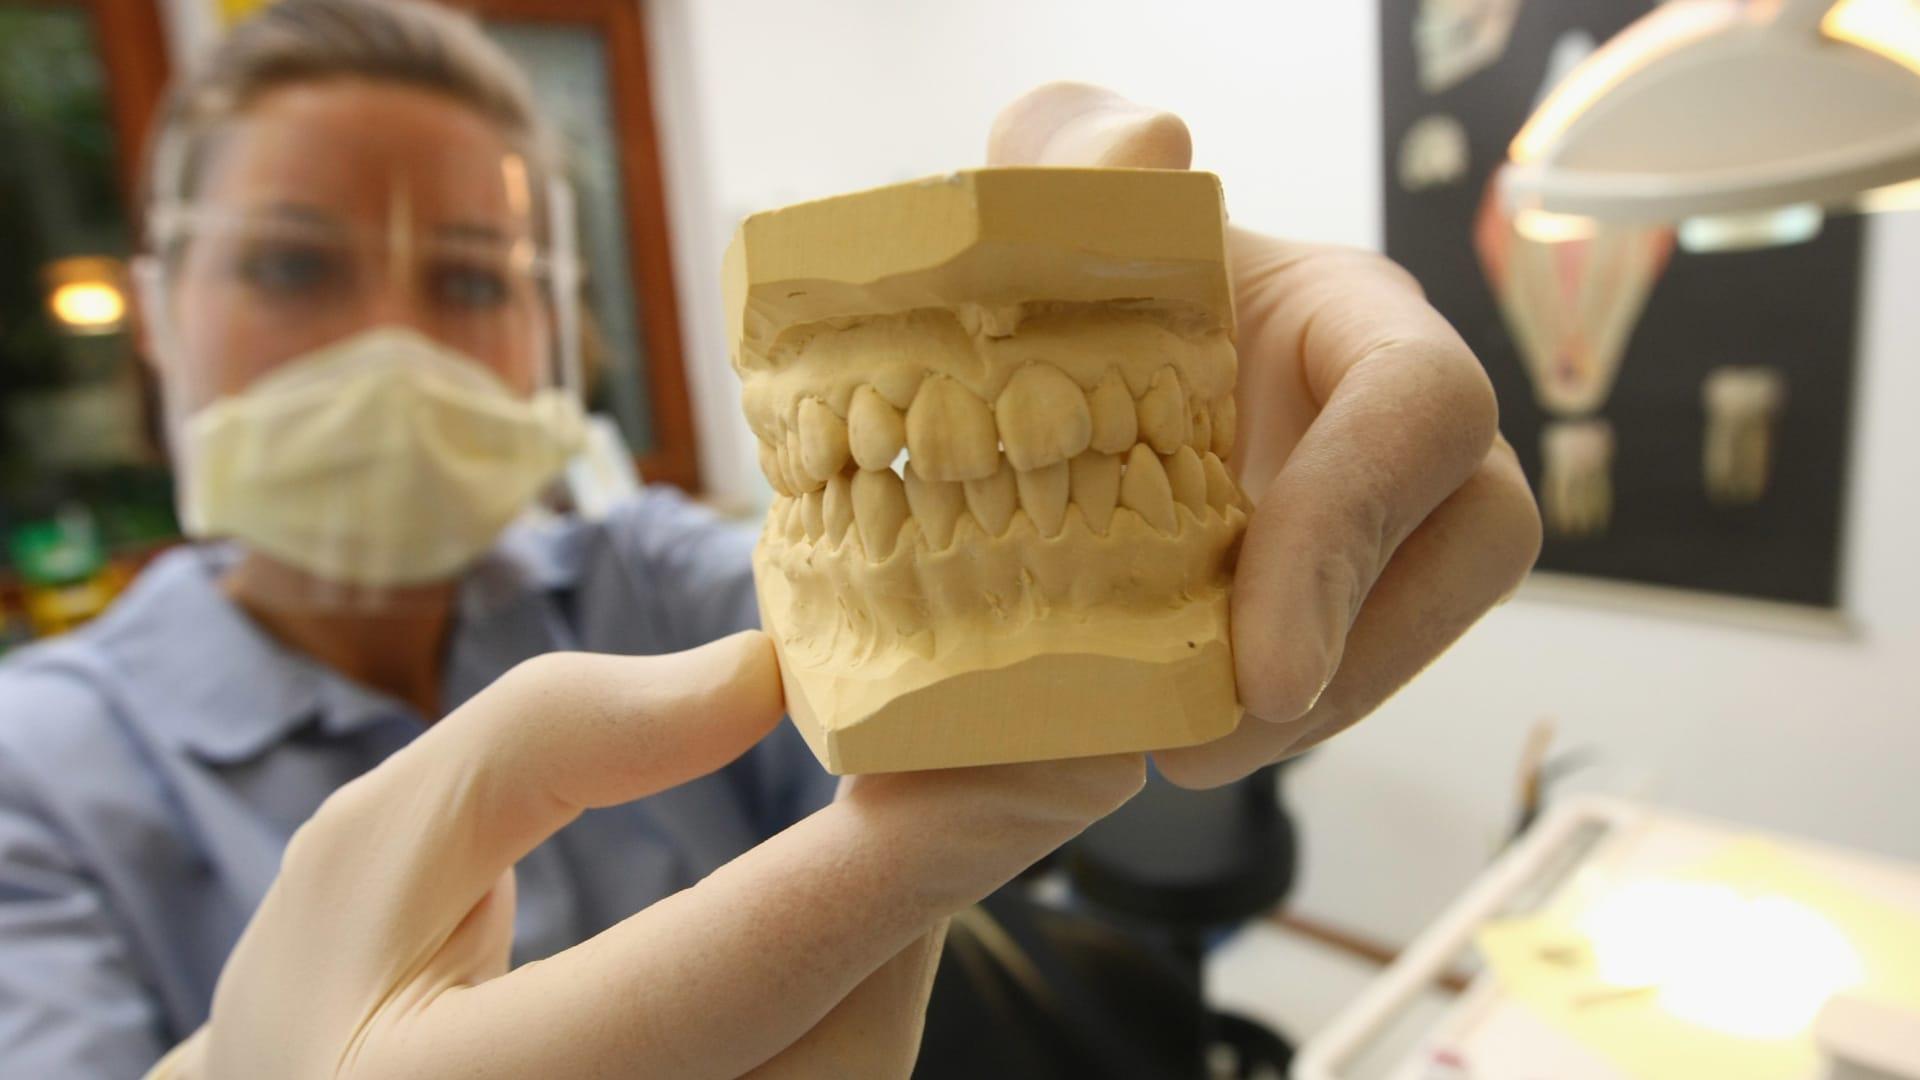 واقع مختلف تماماً.. هكذا تبدو زيارة لطبيب الأسنان بظل كورونا